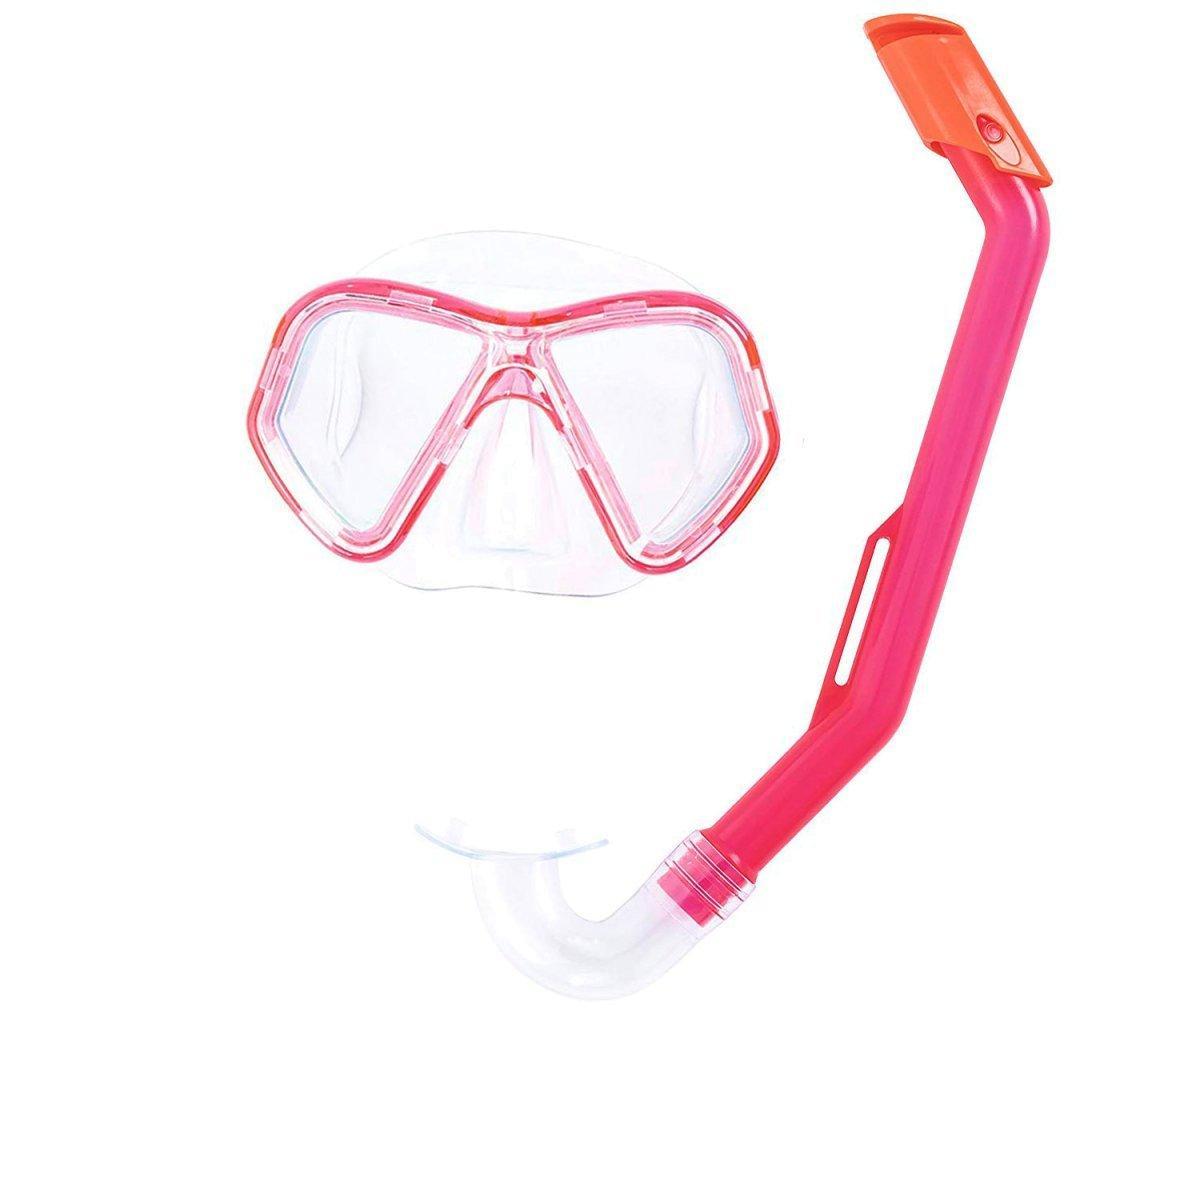 Набор 2 в 1 для плавания Bestway 24023 (маска: размер S, (3+), обхват головы ≈ 50 см, трубка), розовый